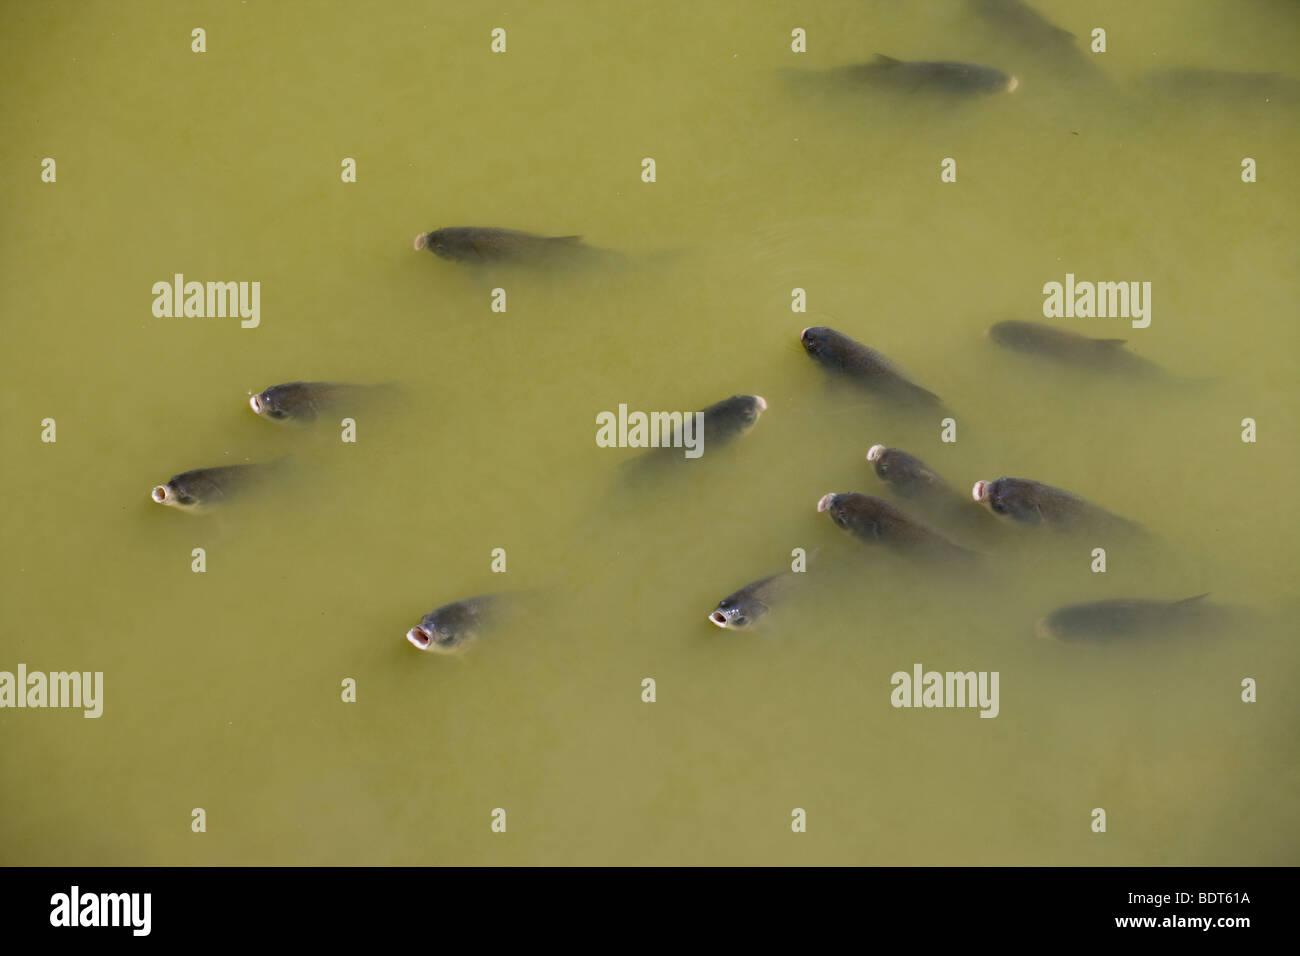 Carpa di morire nel basso livello piscina durante il periodo secco, Forcella est del fiume Des Moines, Okamanpedan Immagini Stock